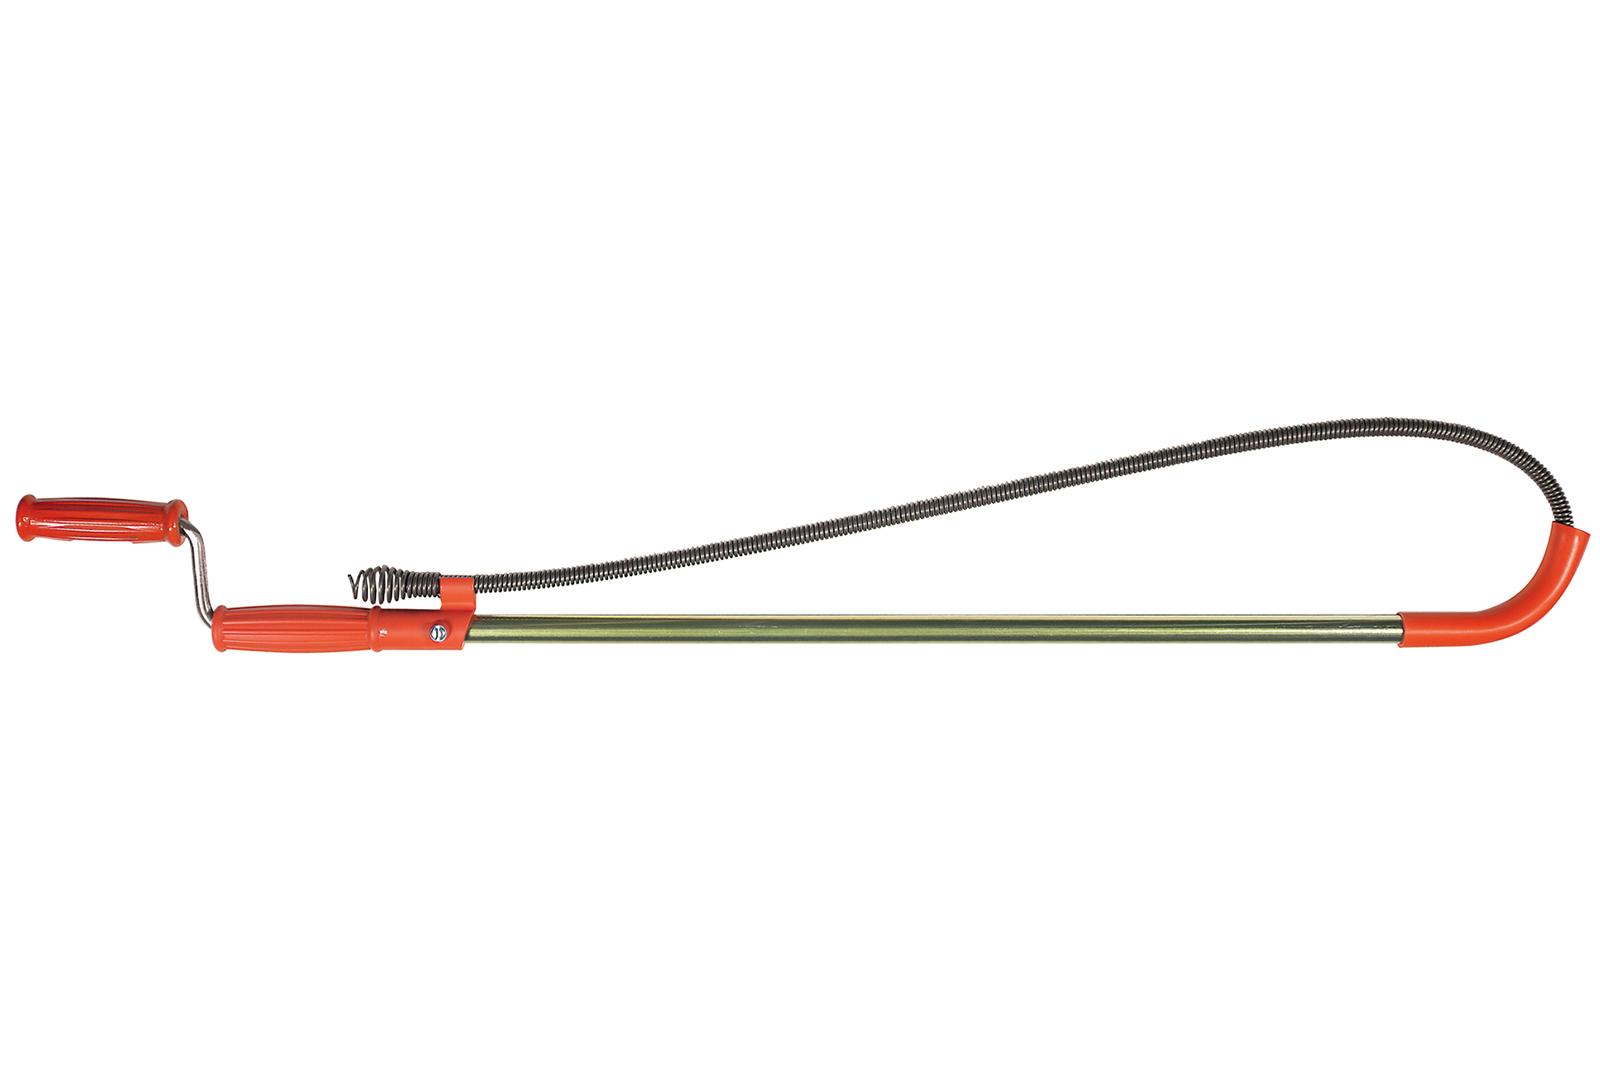 Купить Трос для прочистки General pipe 3mfl-dh